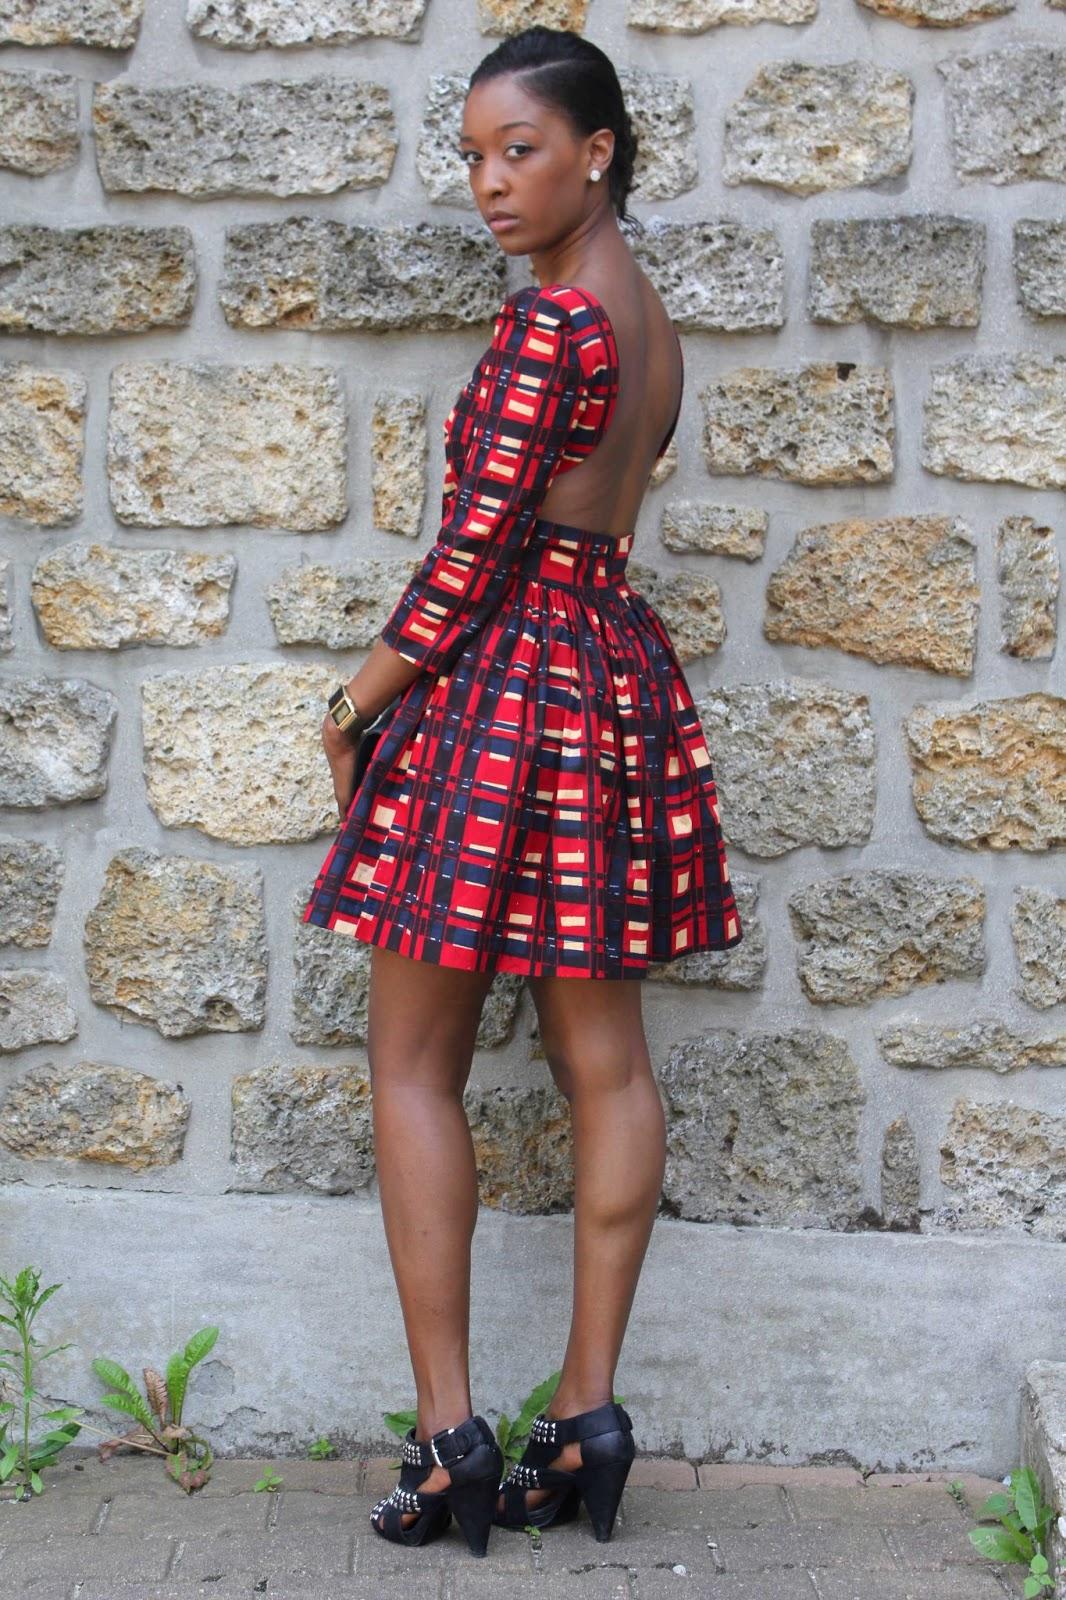 les plus belles robes en pagne africain. Black Bedroom Furniture Sets. Home Design Ideas